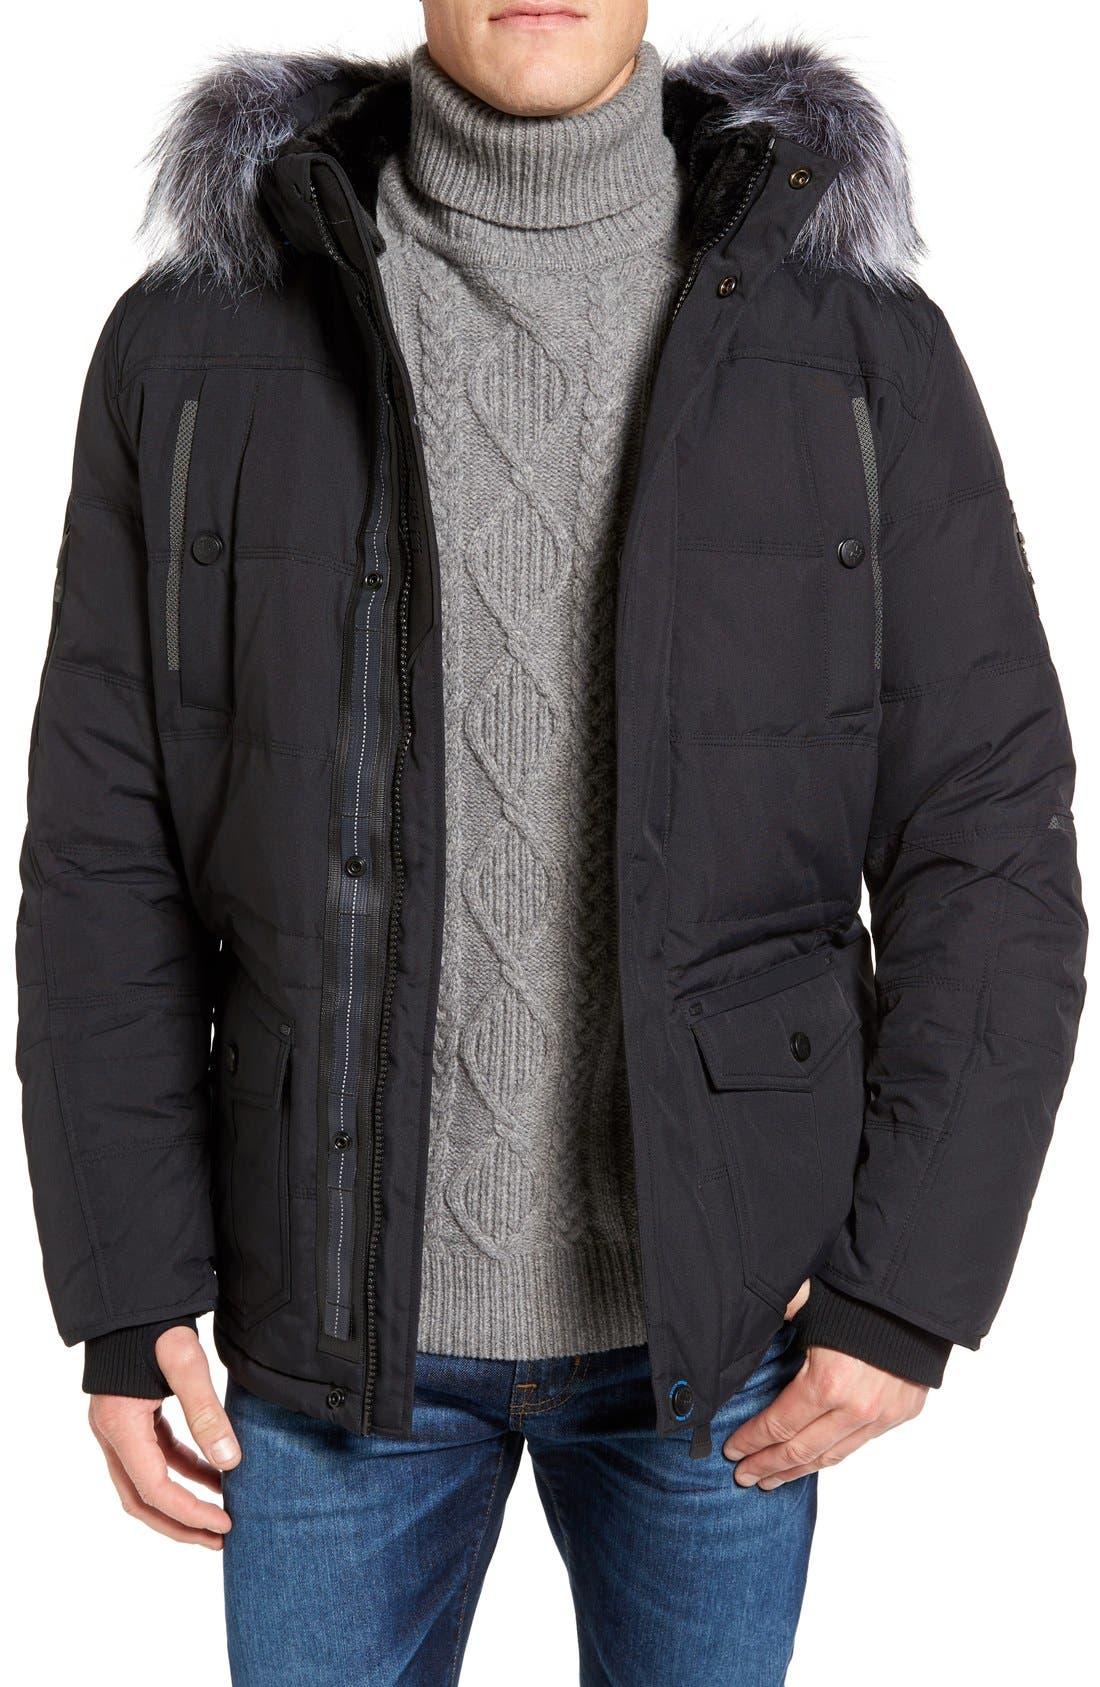 Down Jacket with Faux Fur Trim, Main, color, 001